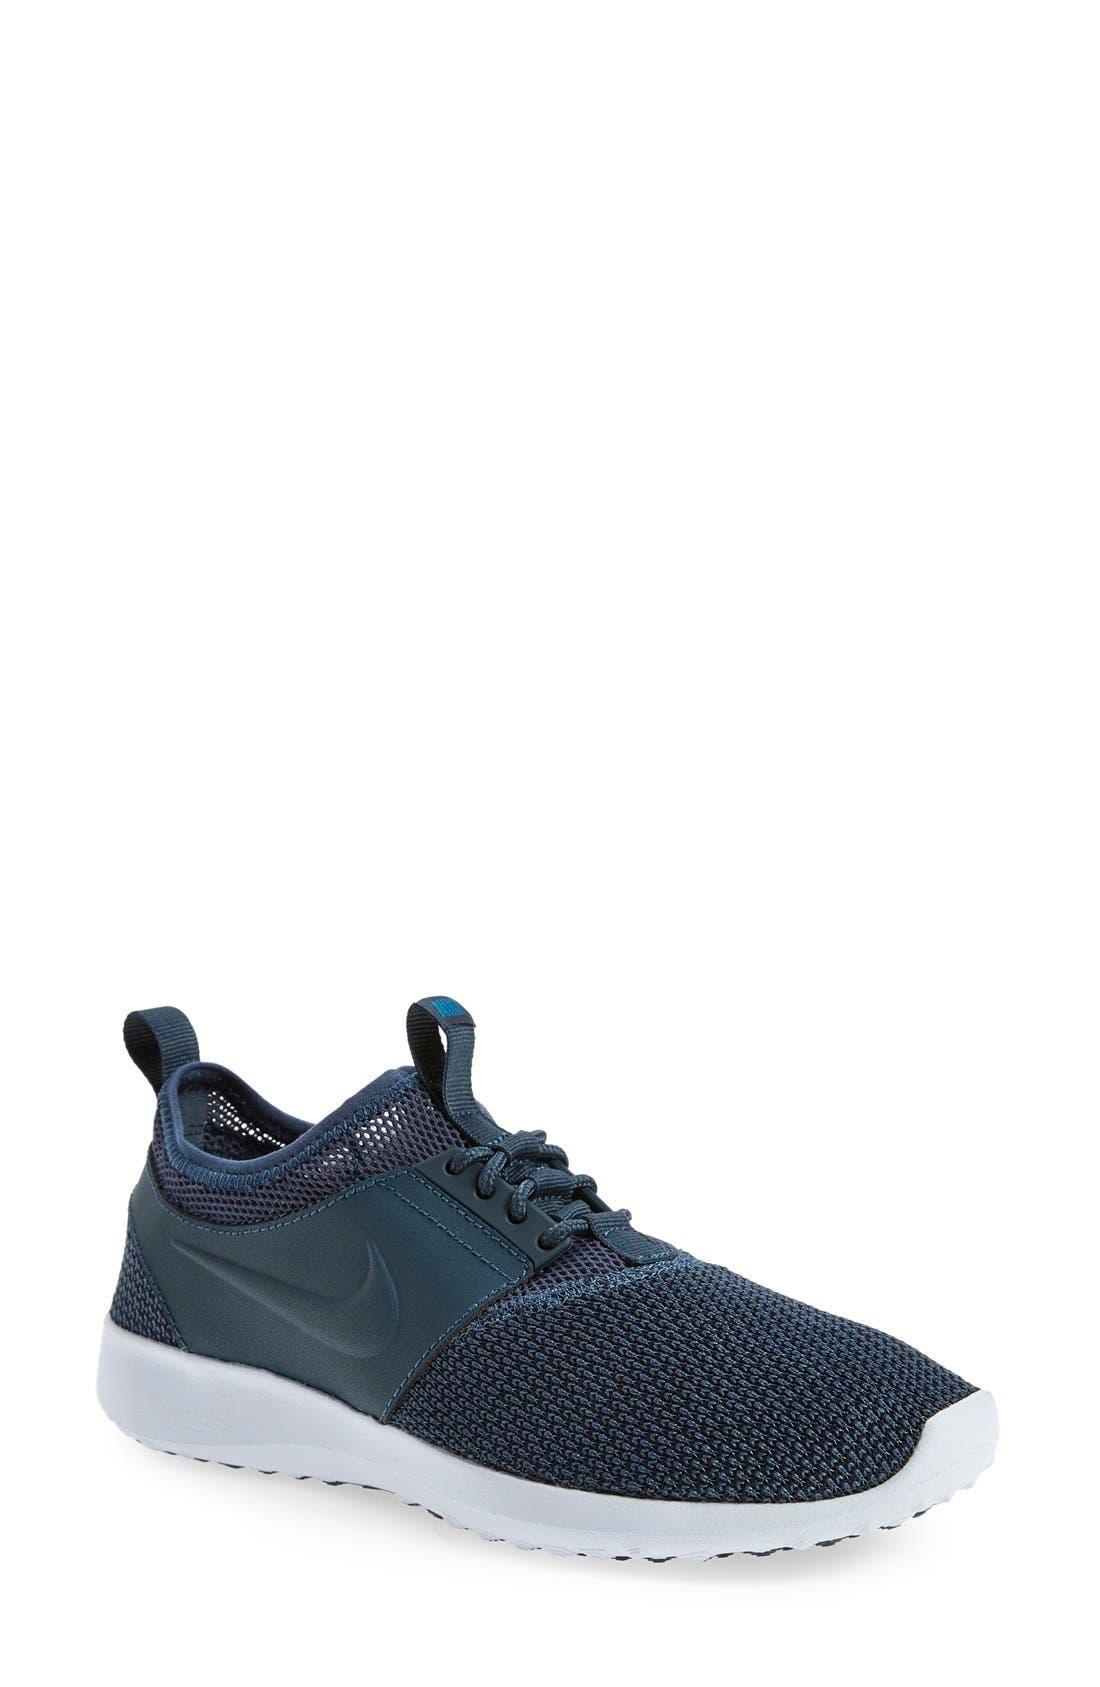 Main Image - Nike 'Juvenate TXT'Sneaker (Women)